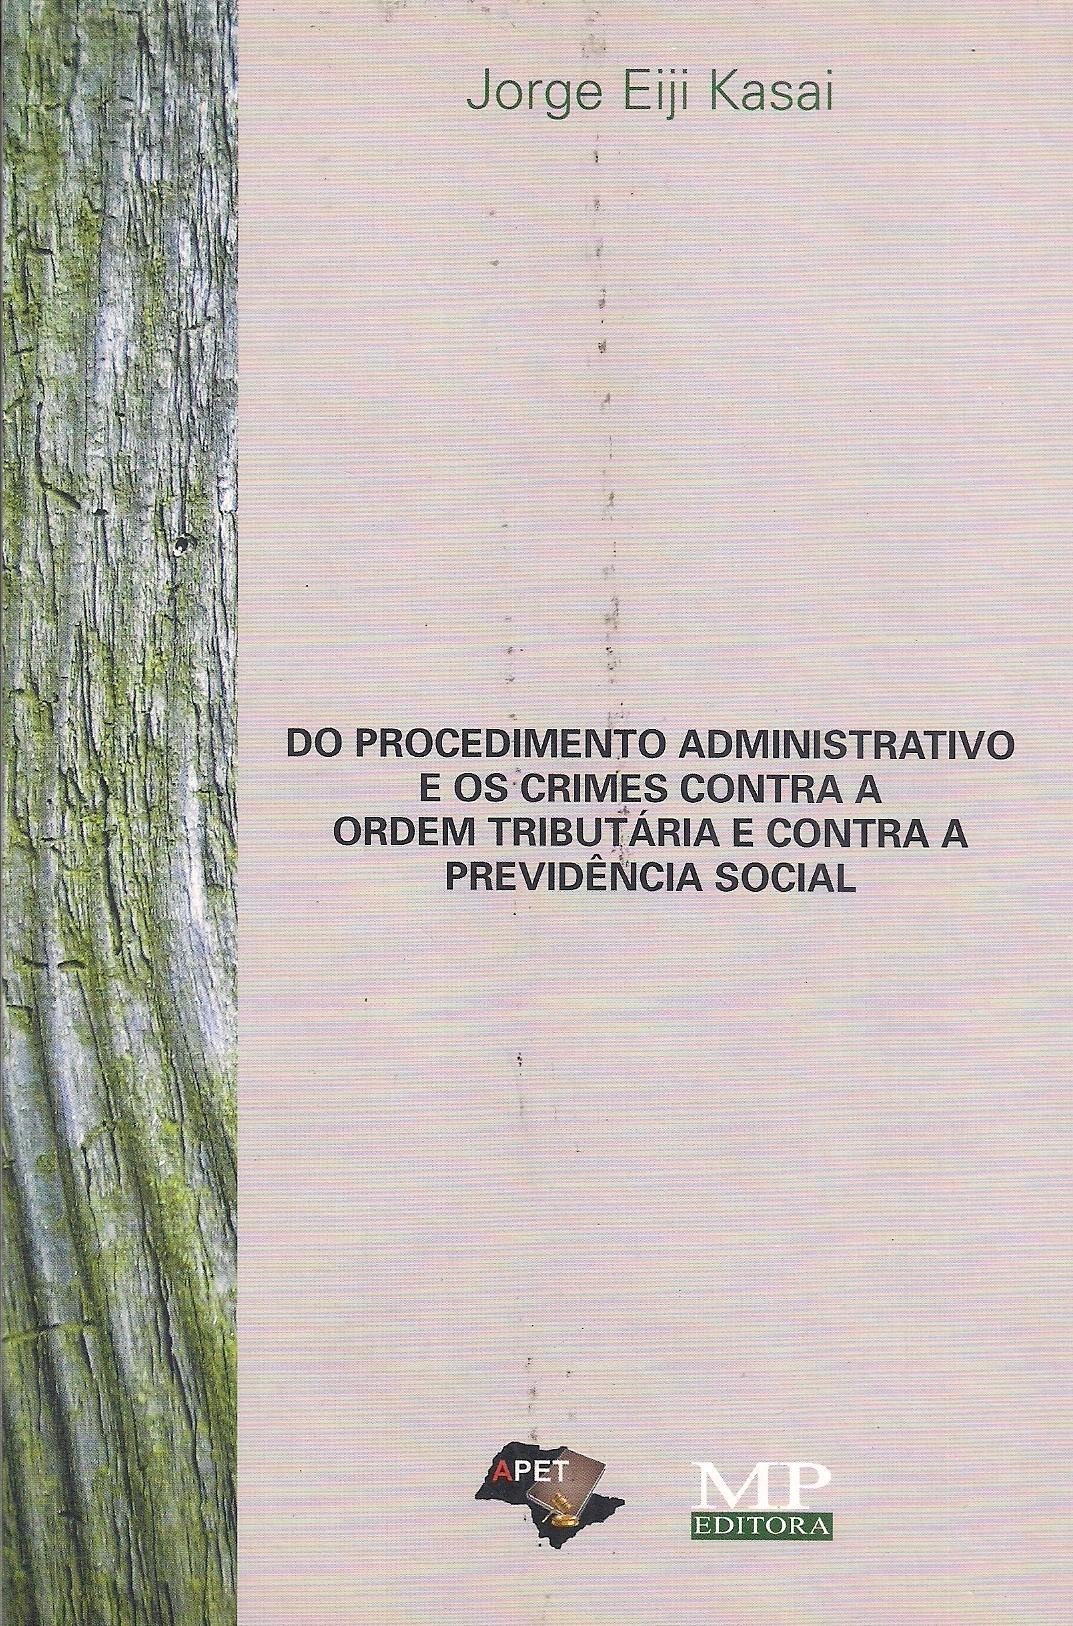 Foto 1 - Do Procedimento Administrativo e os Crimes contra a Ordem Tributária e contra a Previdência Social